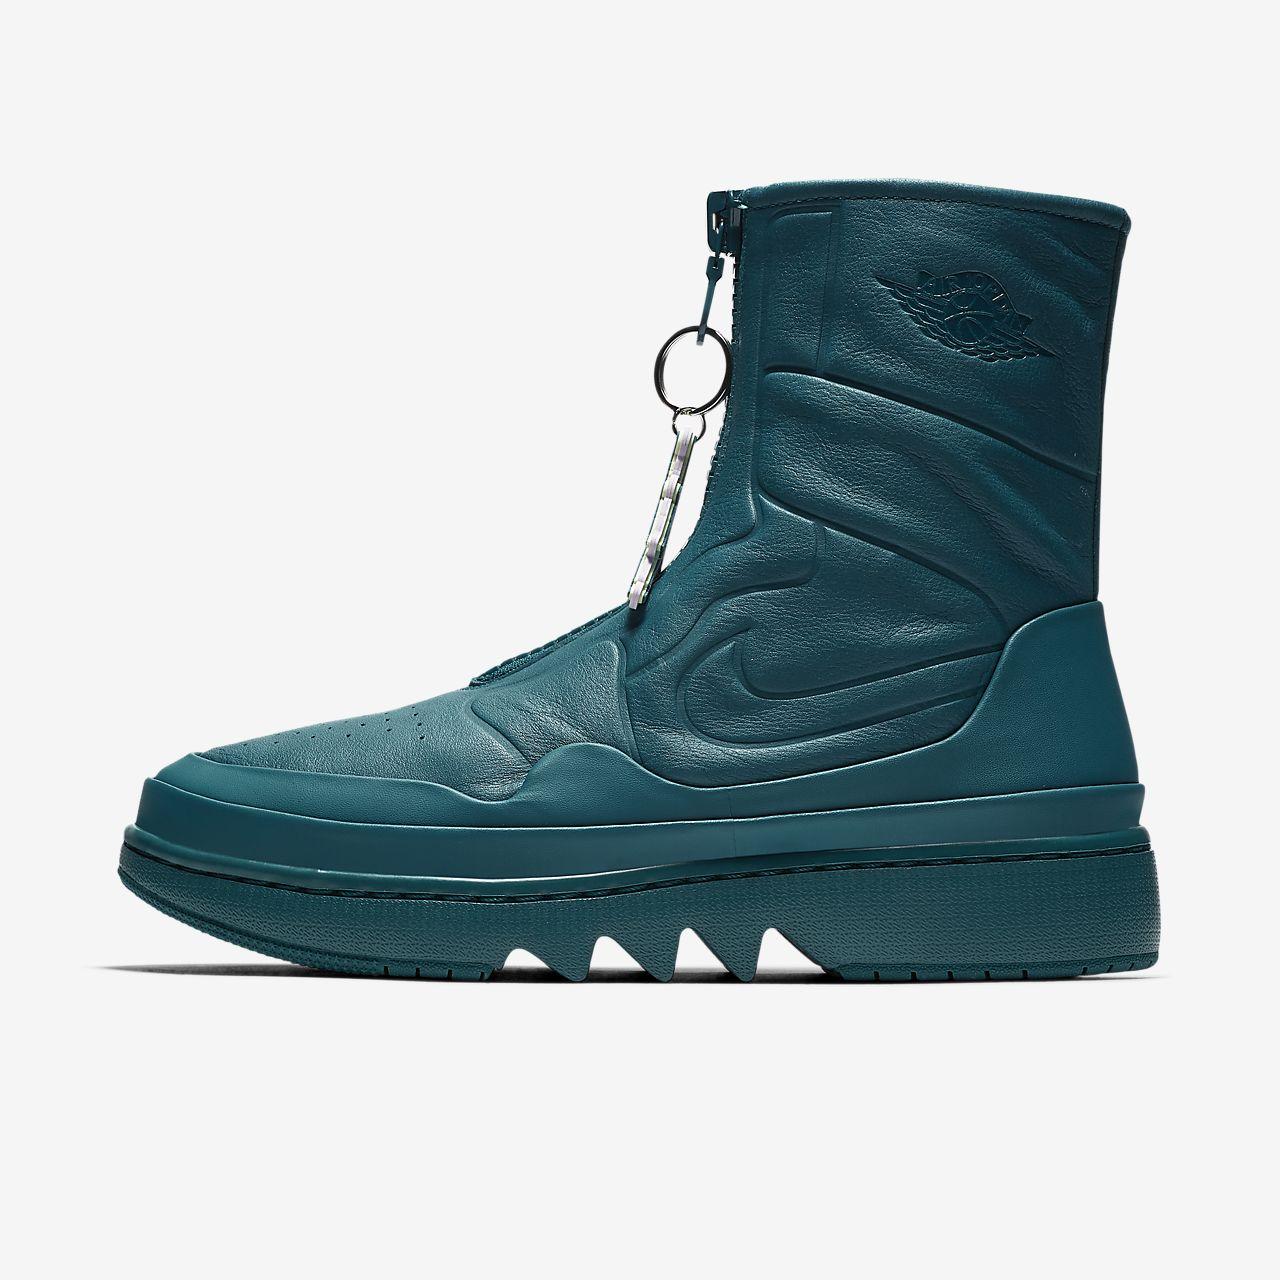 Jordan AJ1 Jester XX Kadın Ayakkabısı